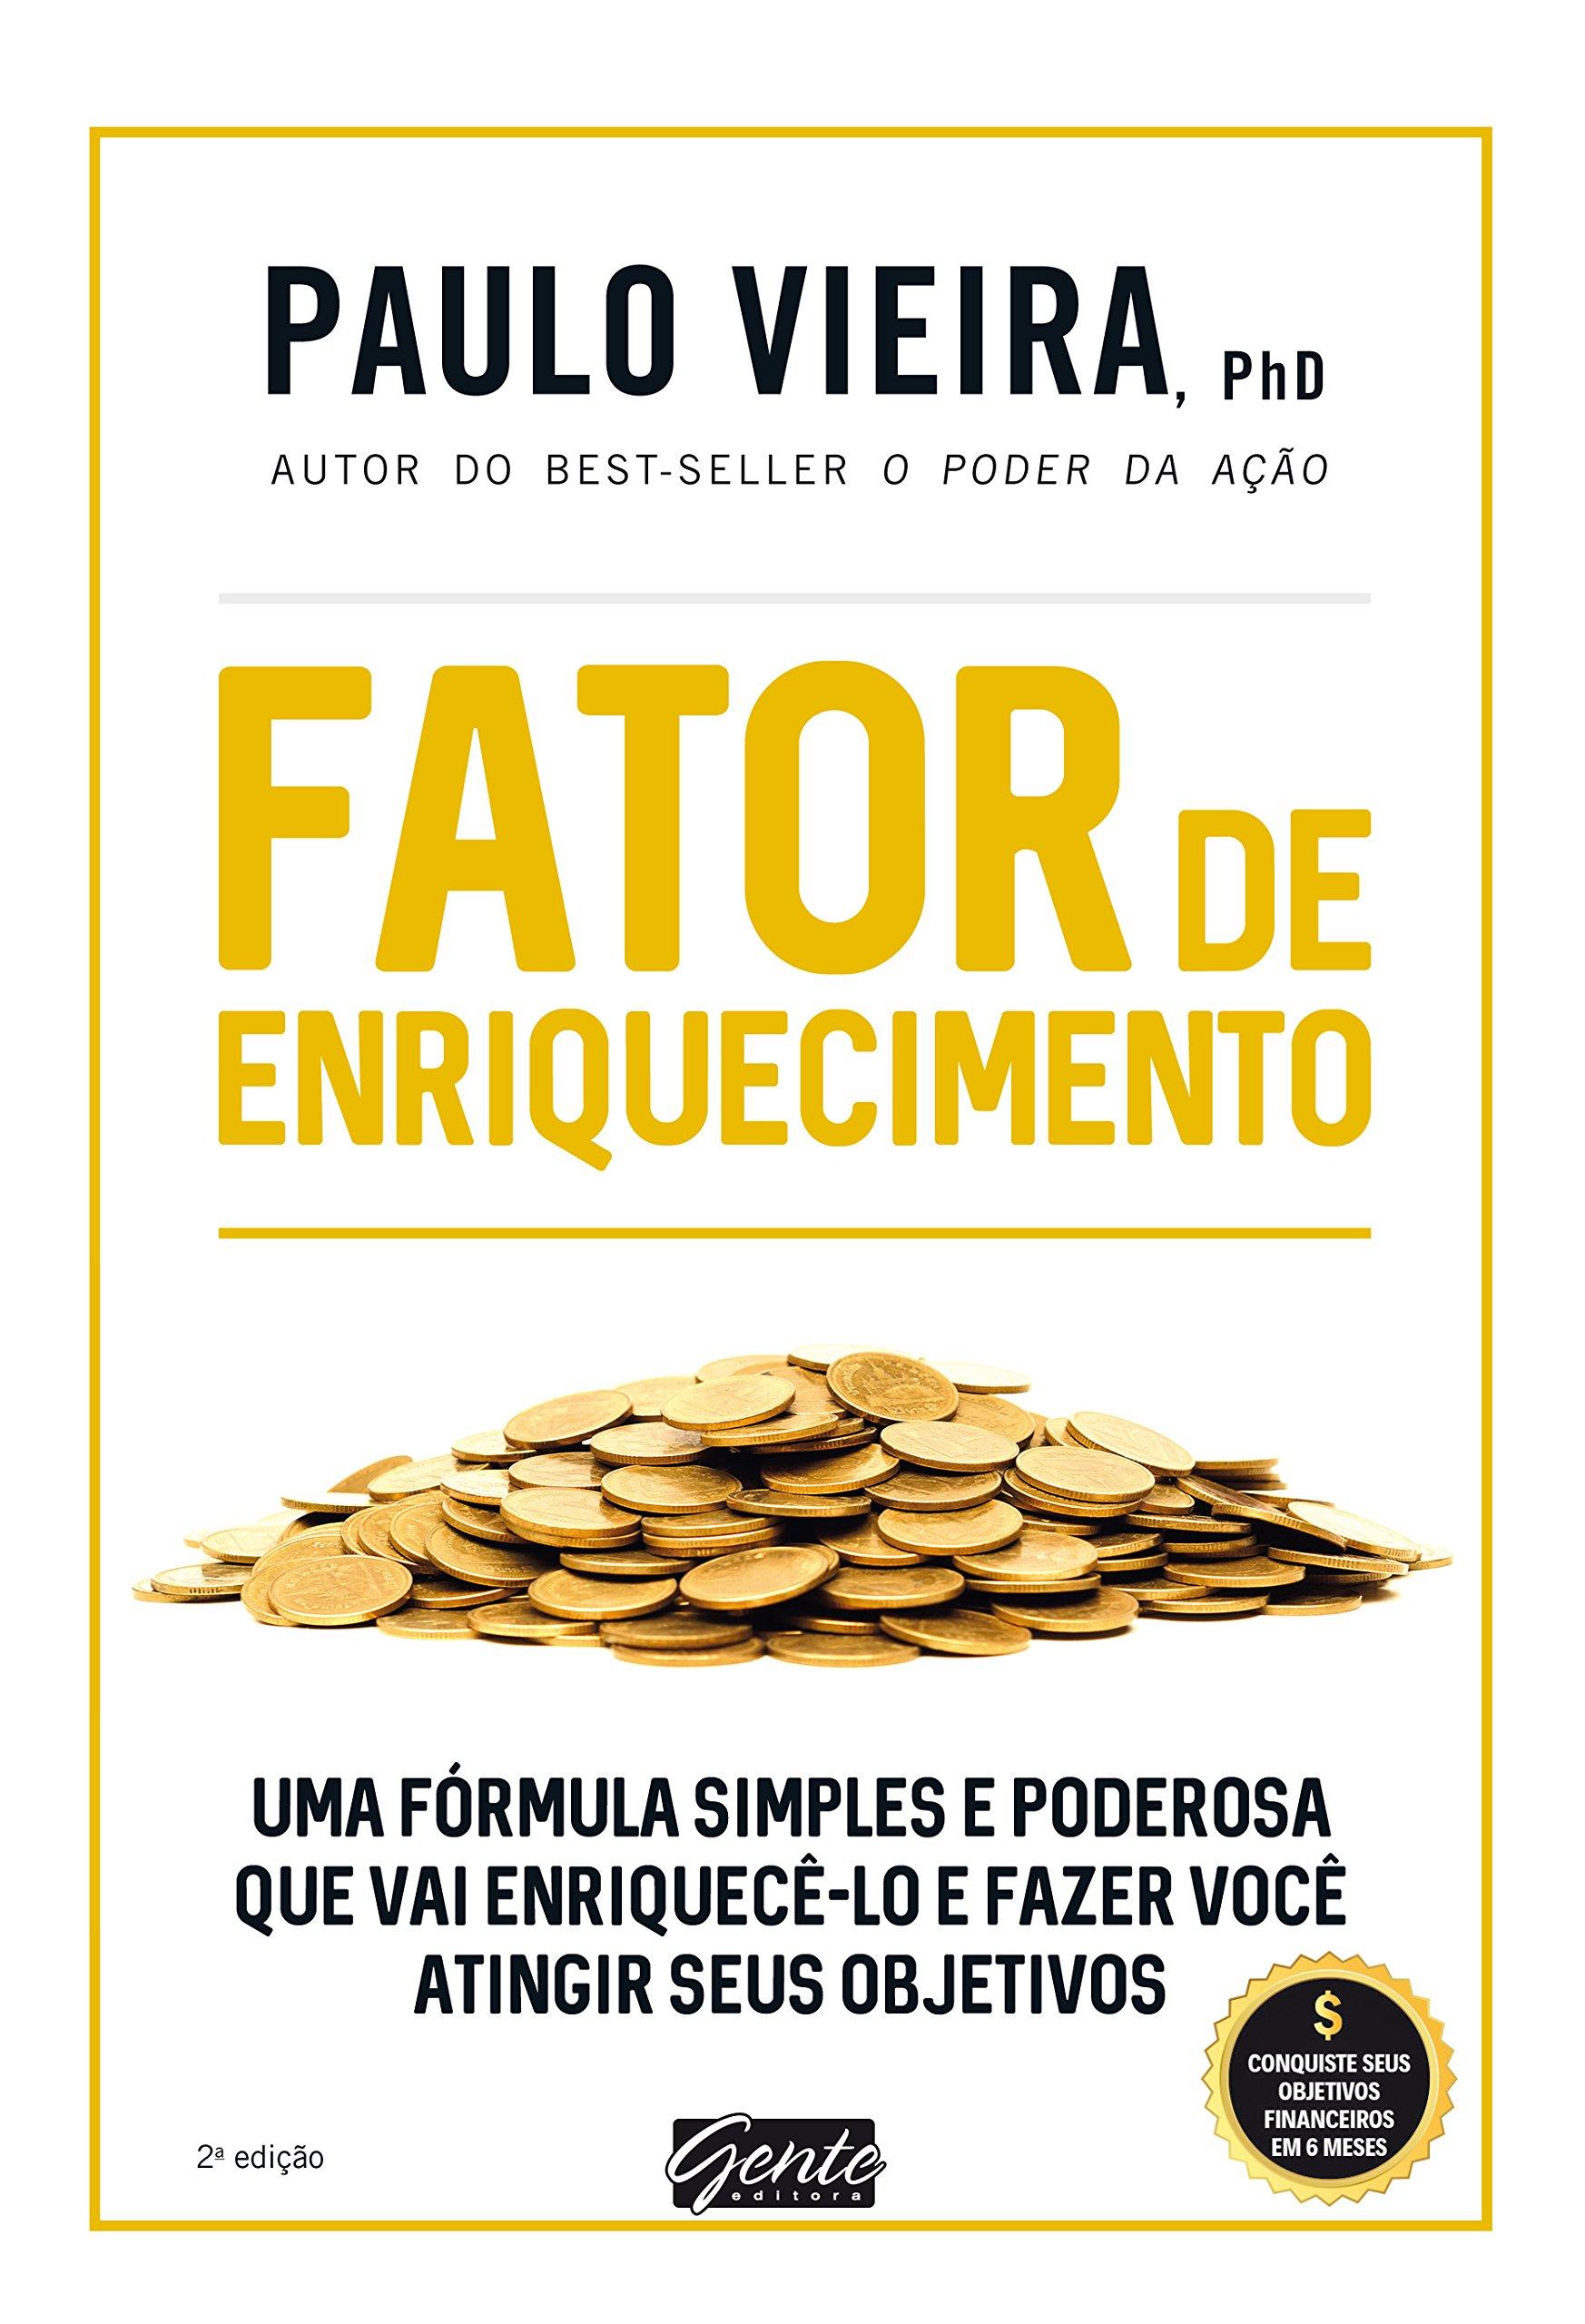 Fator de Enriquecimento (Em Portuguese do Brasil)  Phd Paulo Vieira, Gente  Editora  9788545201274  Amazon.com  Books 6e12dede7e